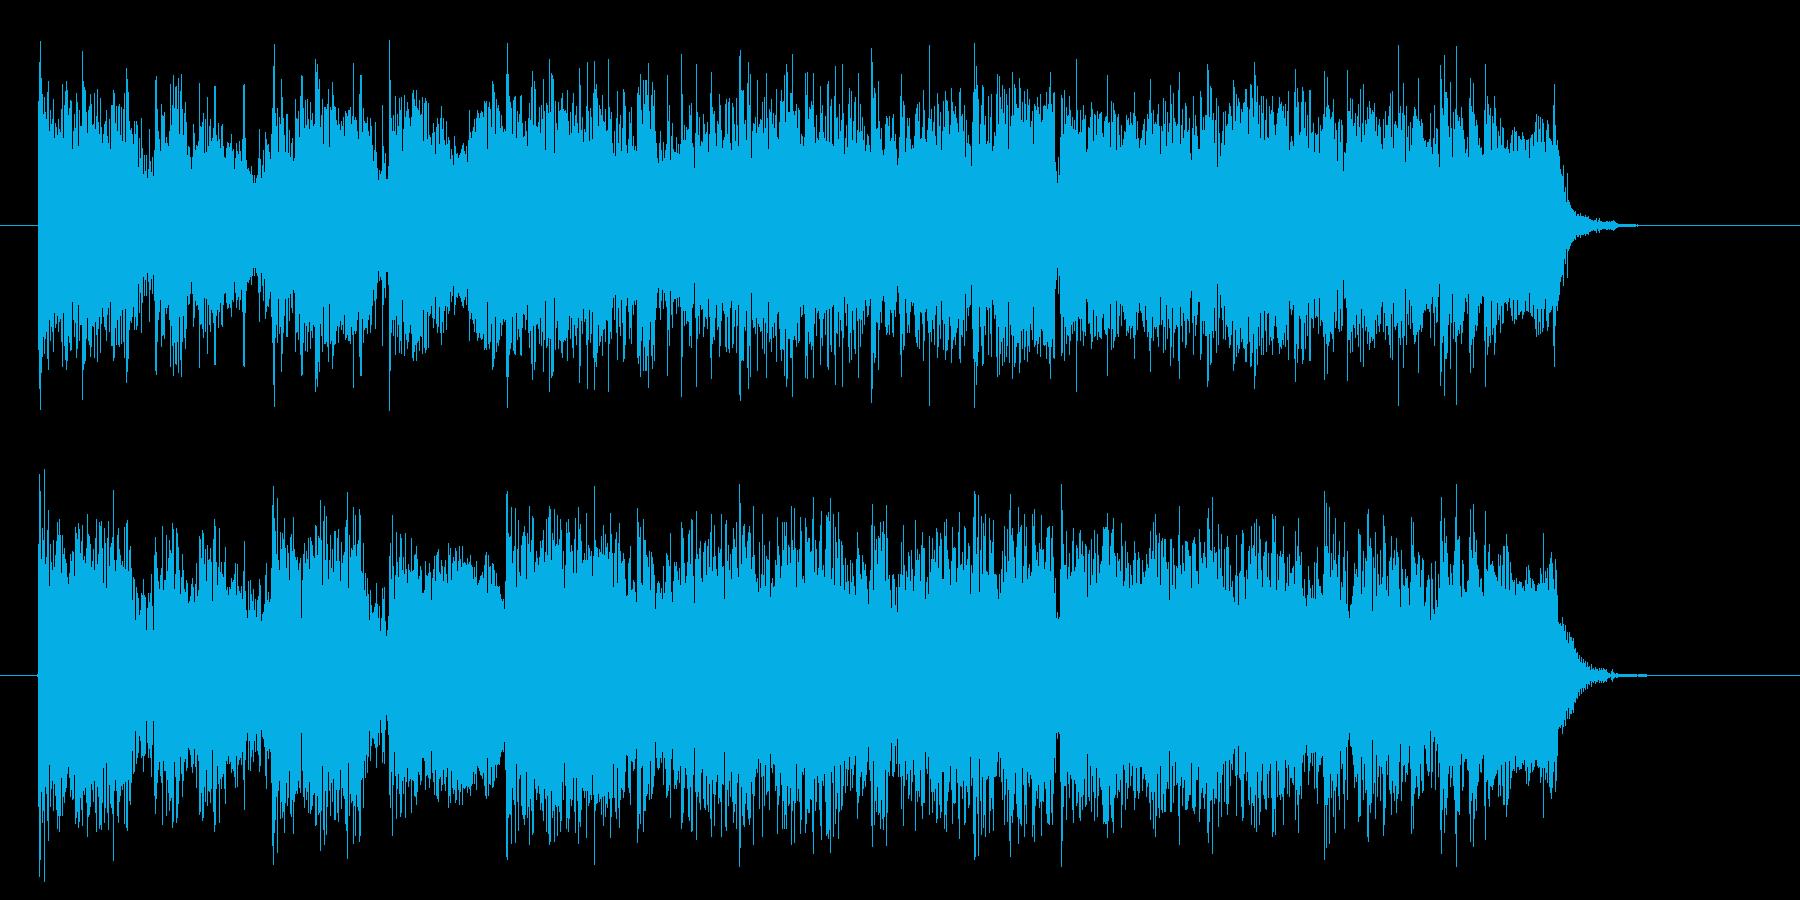 ビートが気持ちいいロックテイストの再生済みの波形